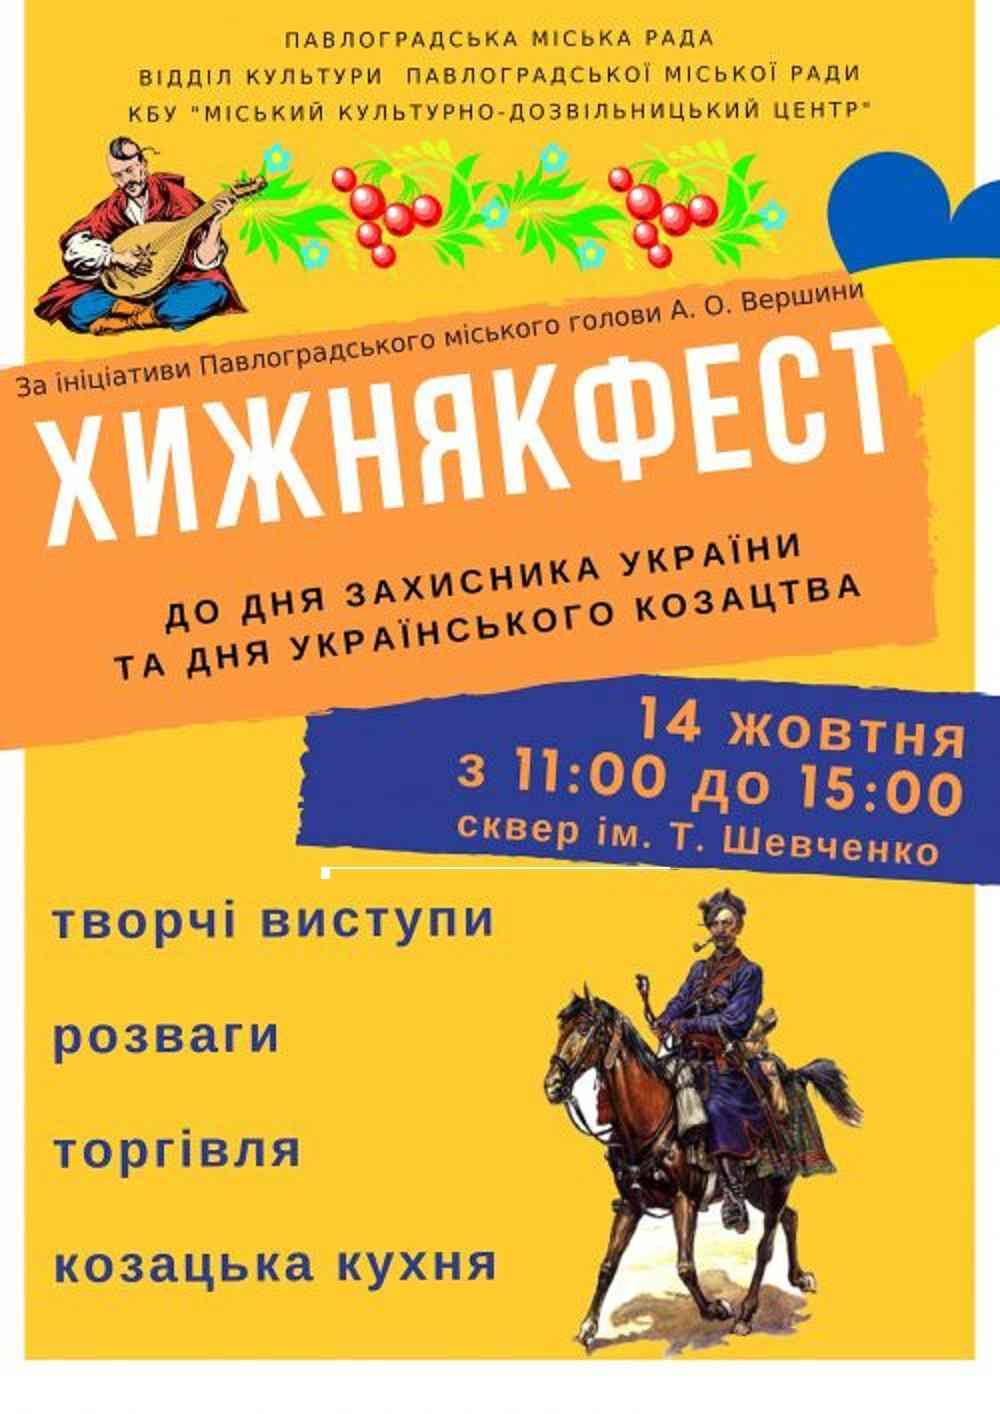 Спустя три века, в Павлоград, на открытие  своего фестиваля, приедет Матвей Хижняк